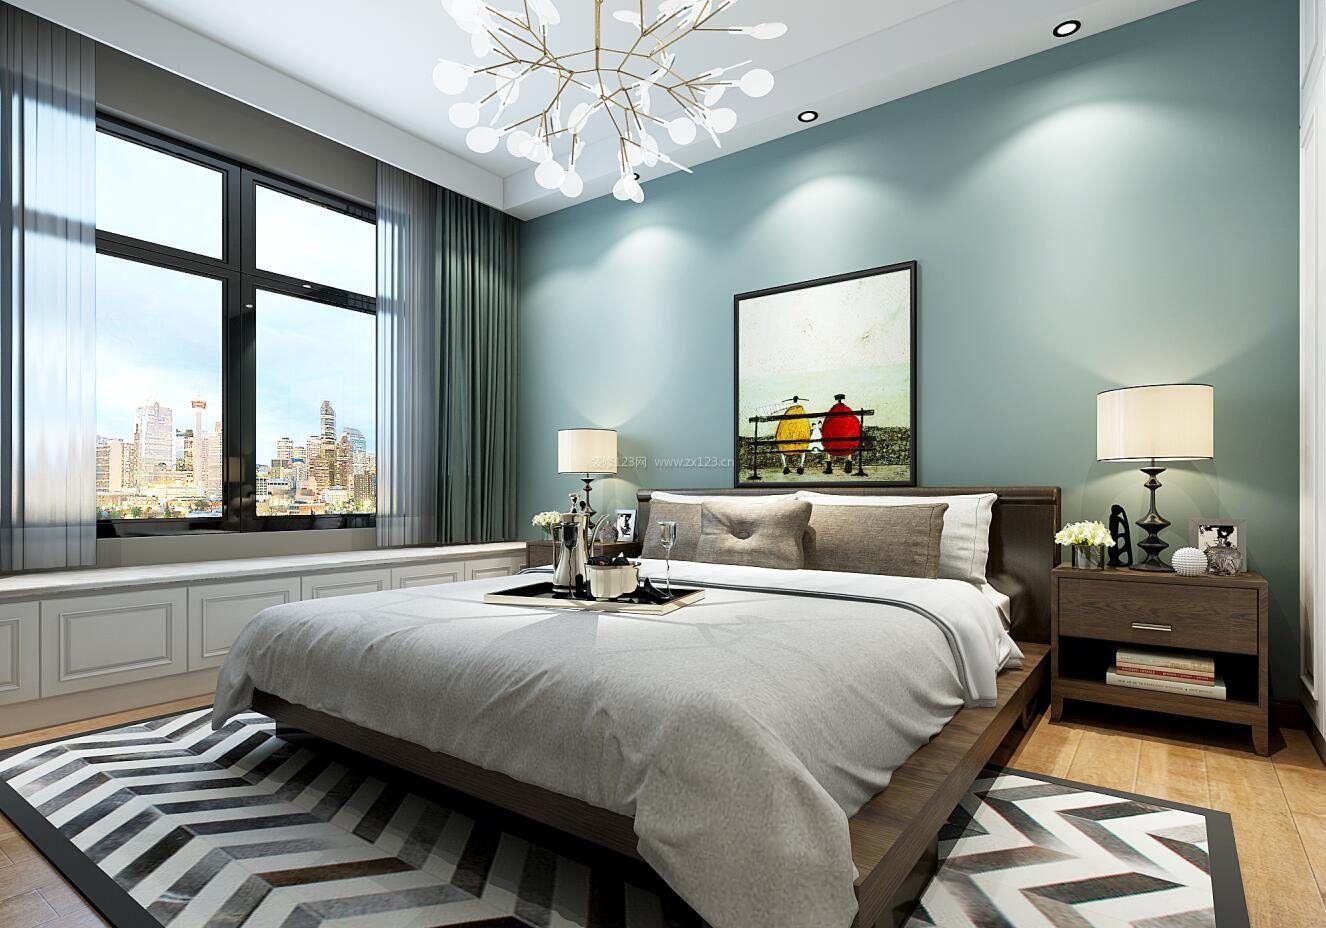 简欧风格家装简单卧室床头背景墙效果图图片